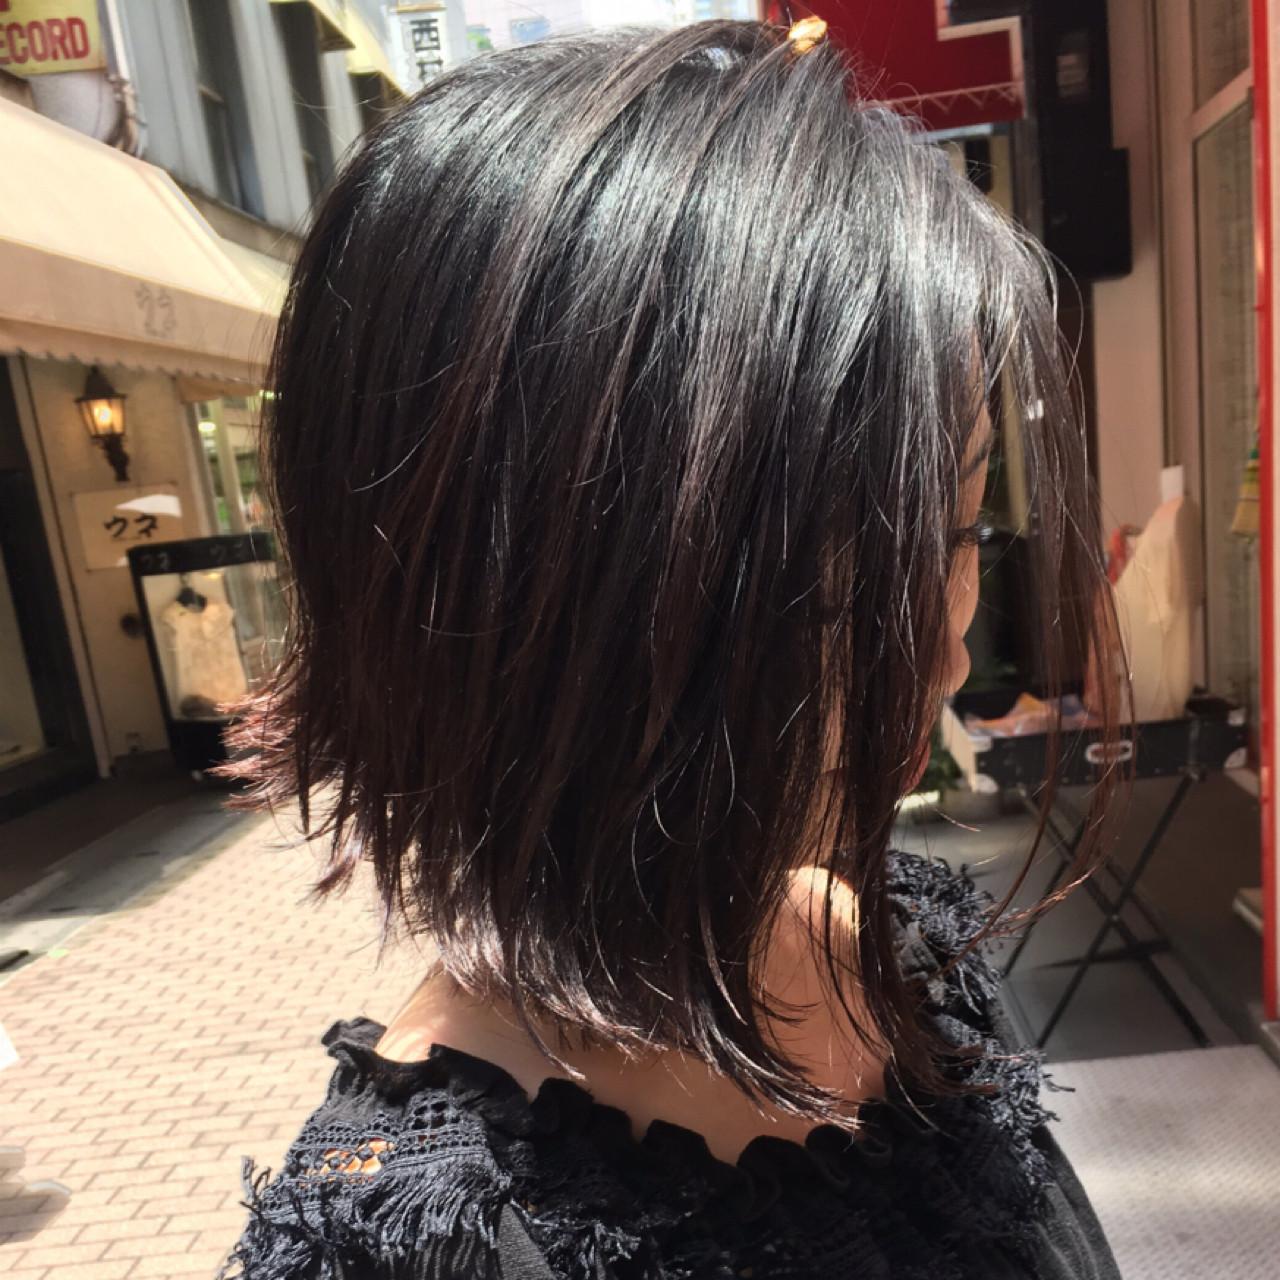 ストリート ヘアアレンジ ウェットヘア ボブヘアスタイルや髪型の写真・画像